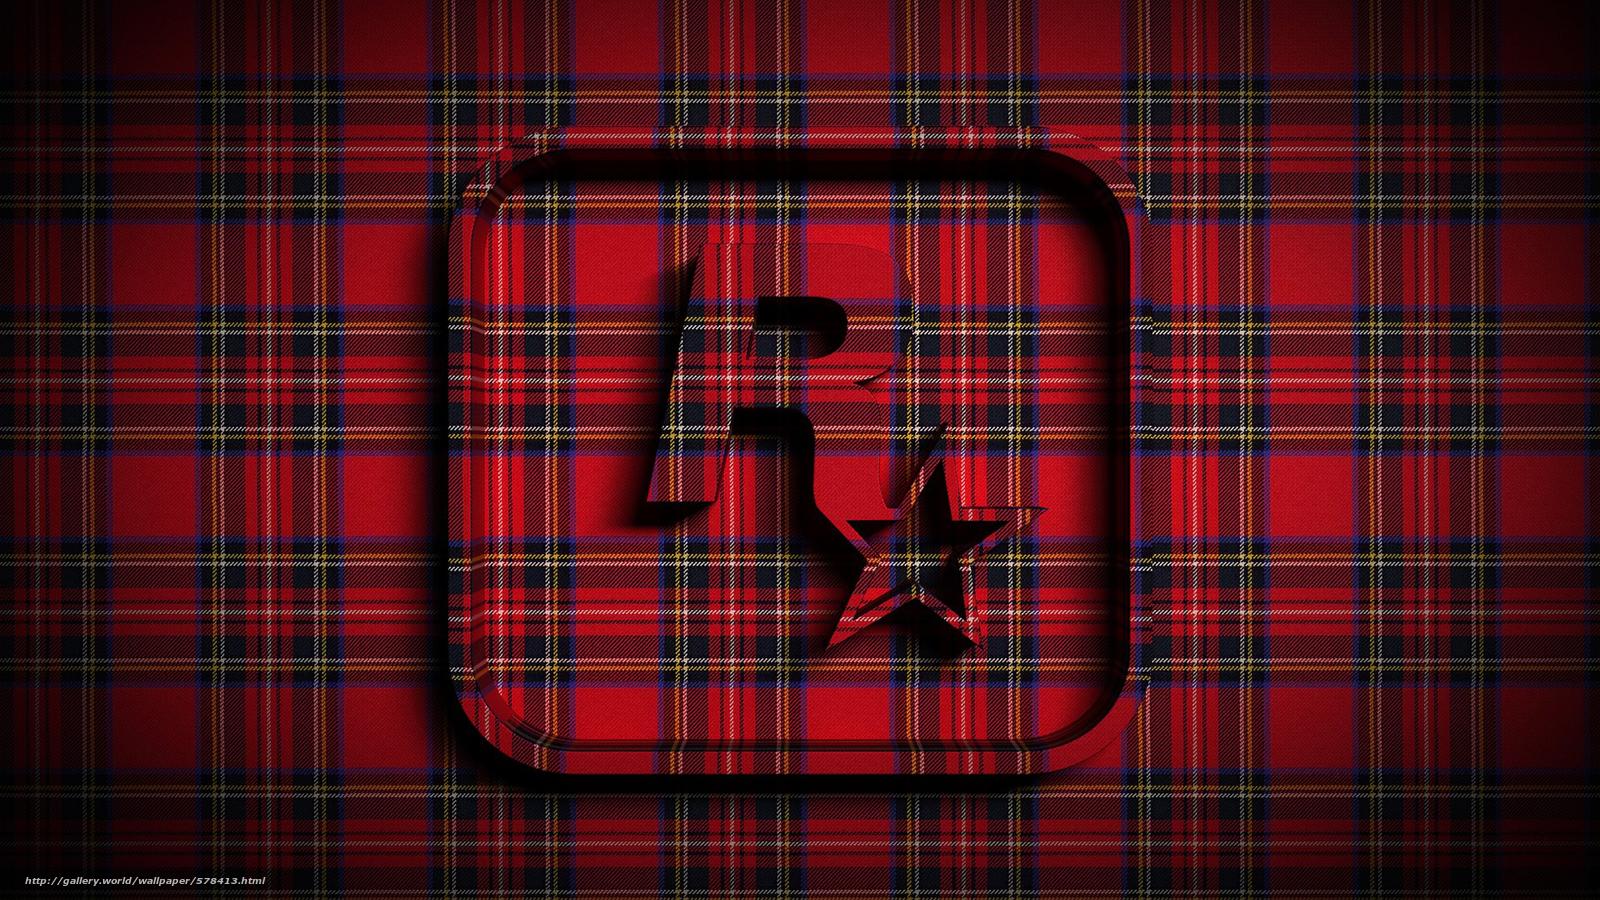 Скачать обои звезда,  объем,  шотландка,  ткань бесплатно для рабочего стола в разрешении 1920x1080 — картинка №578413